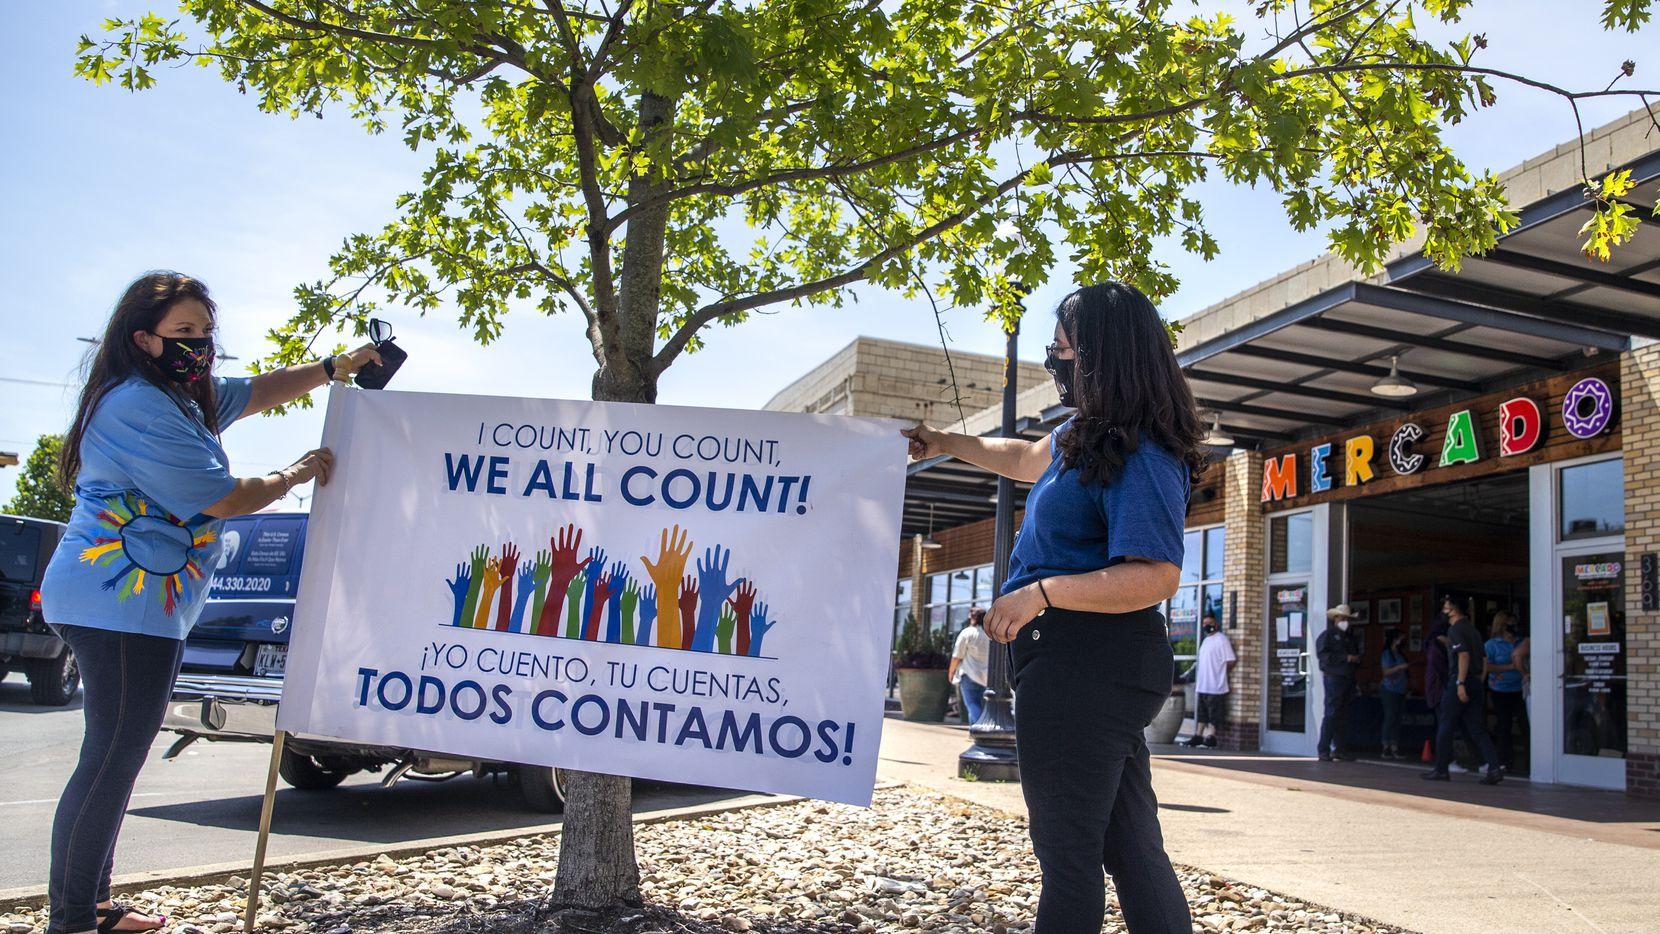 El sábado en Pleasant Grove habrá como registrarse para votar, llenar el censo y recibir mascarillas en un evento drive-thru.